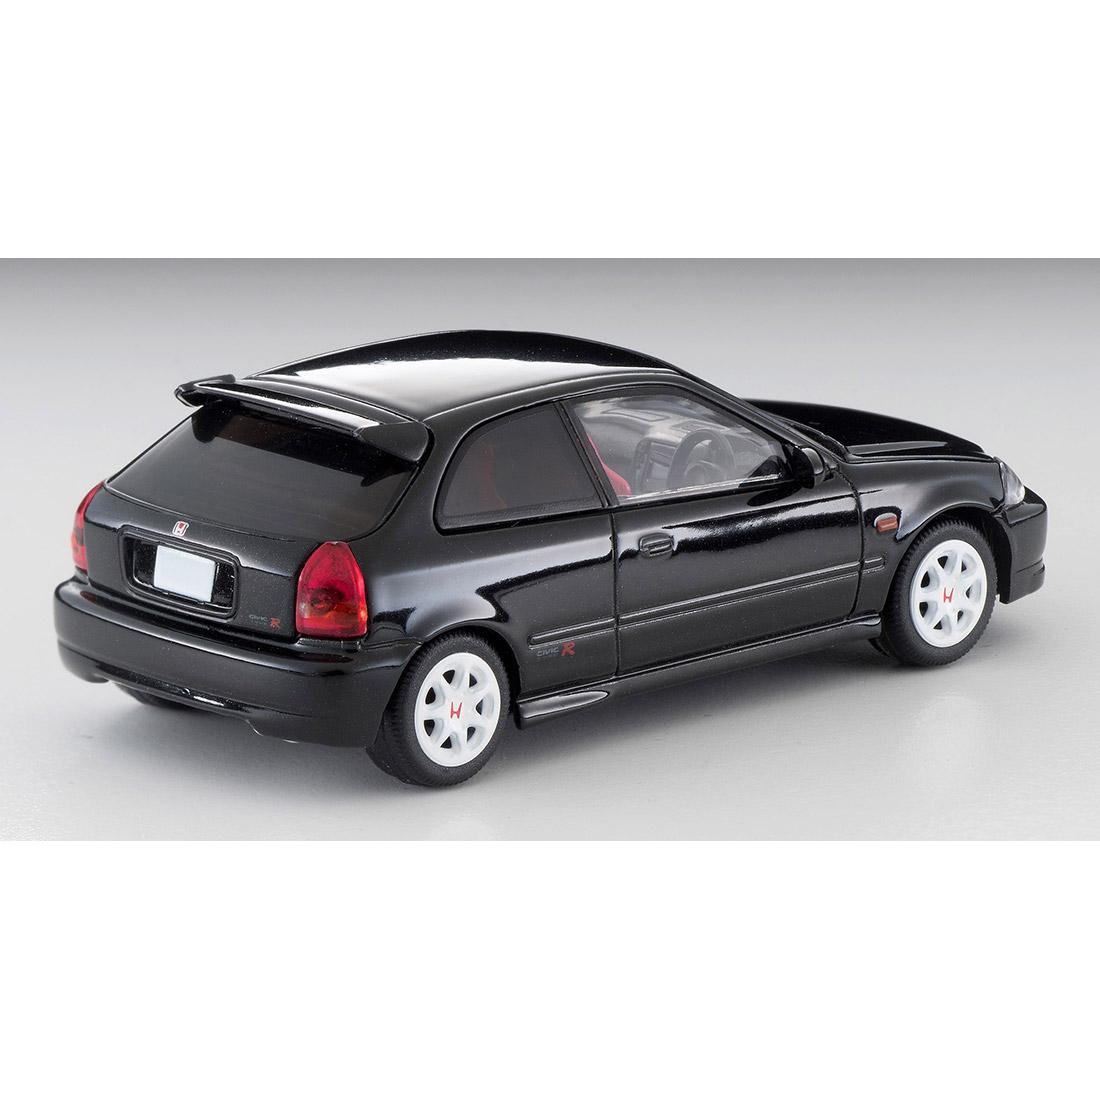 トミカリミテッド ヴィンテージ ネオ TLV-NEO『LV-N158c ホンダ シビック タイプR 97年式(黒)』1/64 ミニカー-003